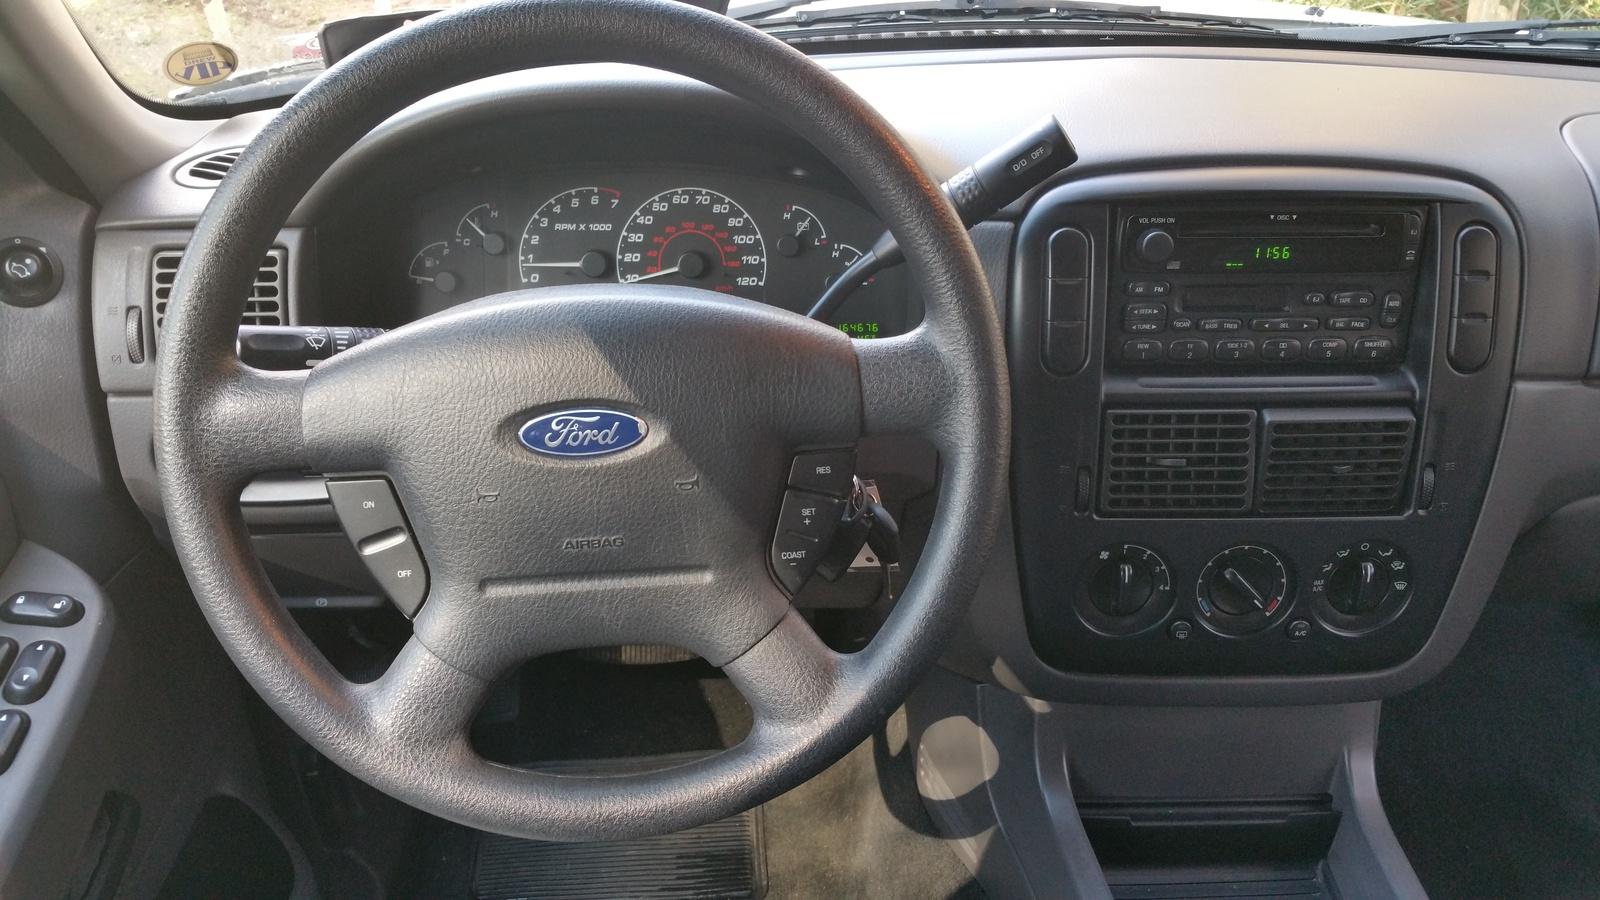 2002 Ford Explorer Interior Pictures Cargurus